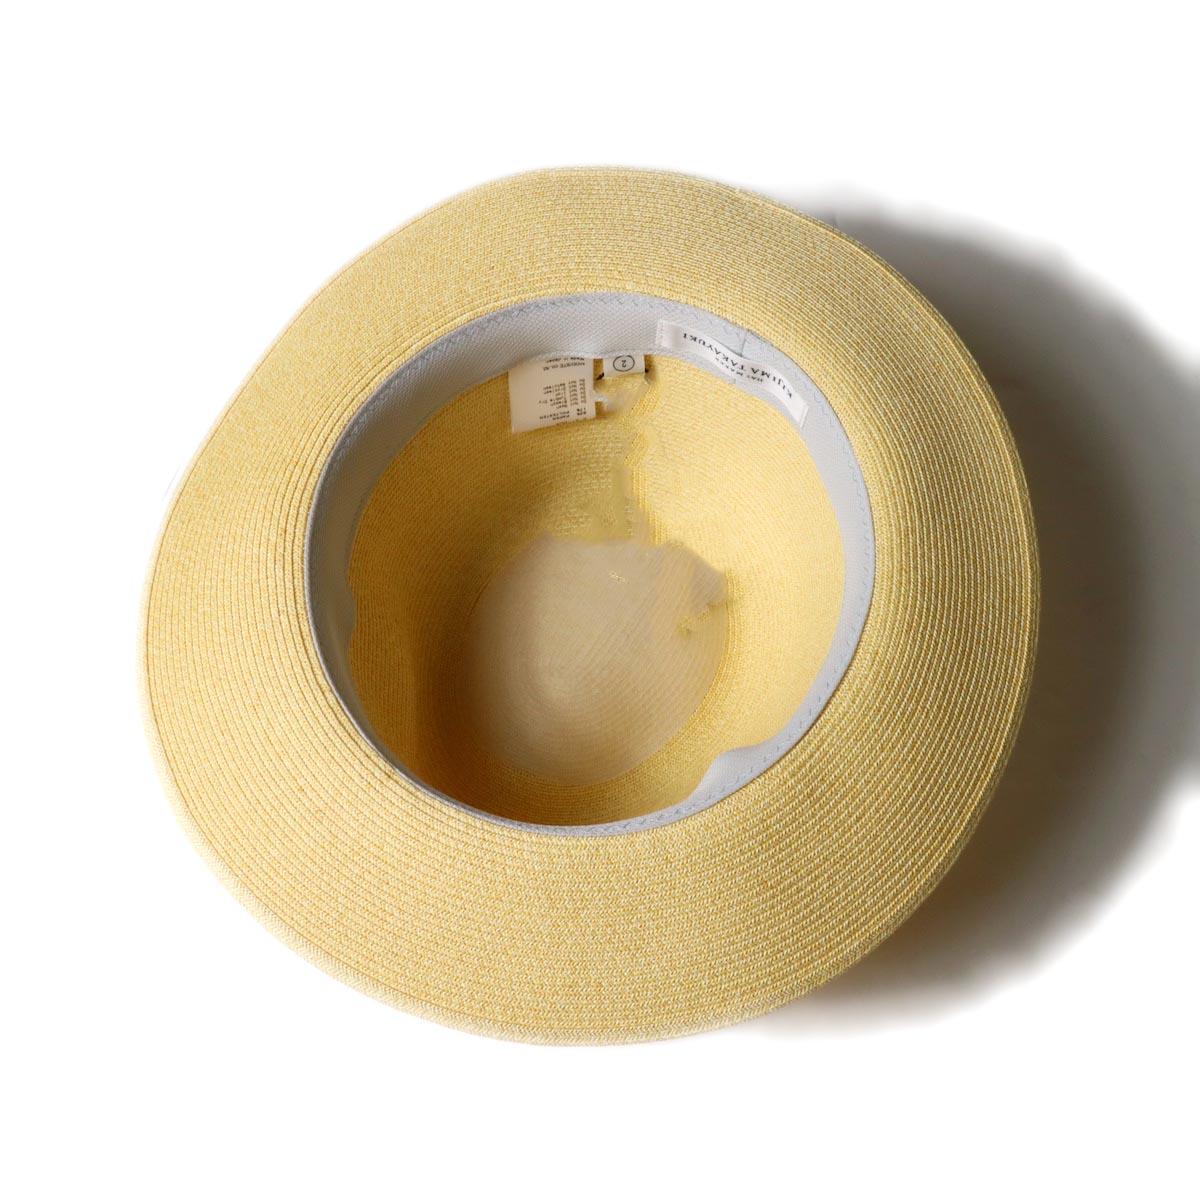 KIJIMA TAKAYUKI / Paper Hat (E-211004)beige 内側